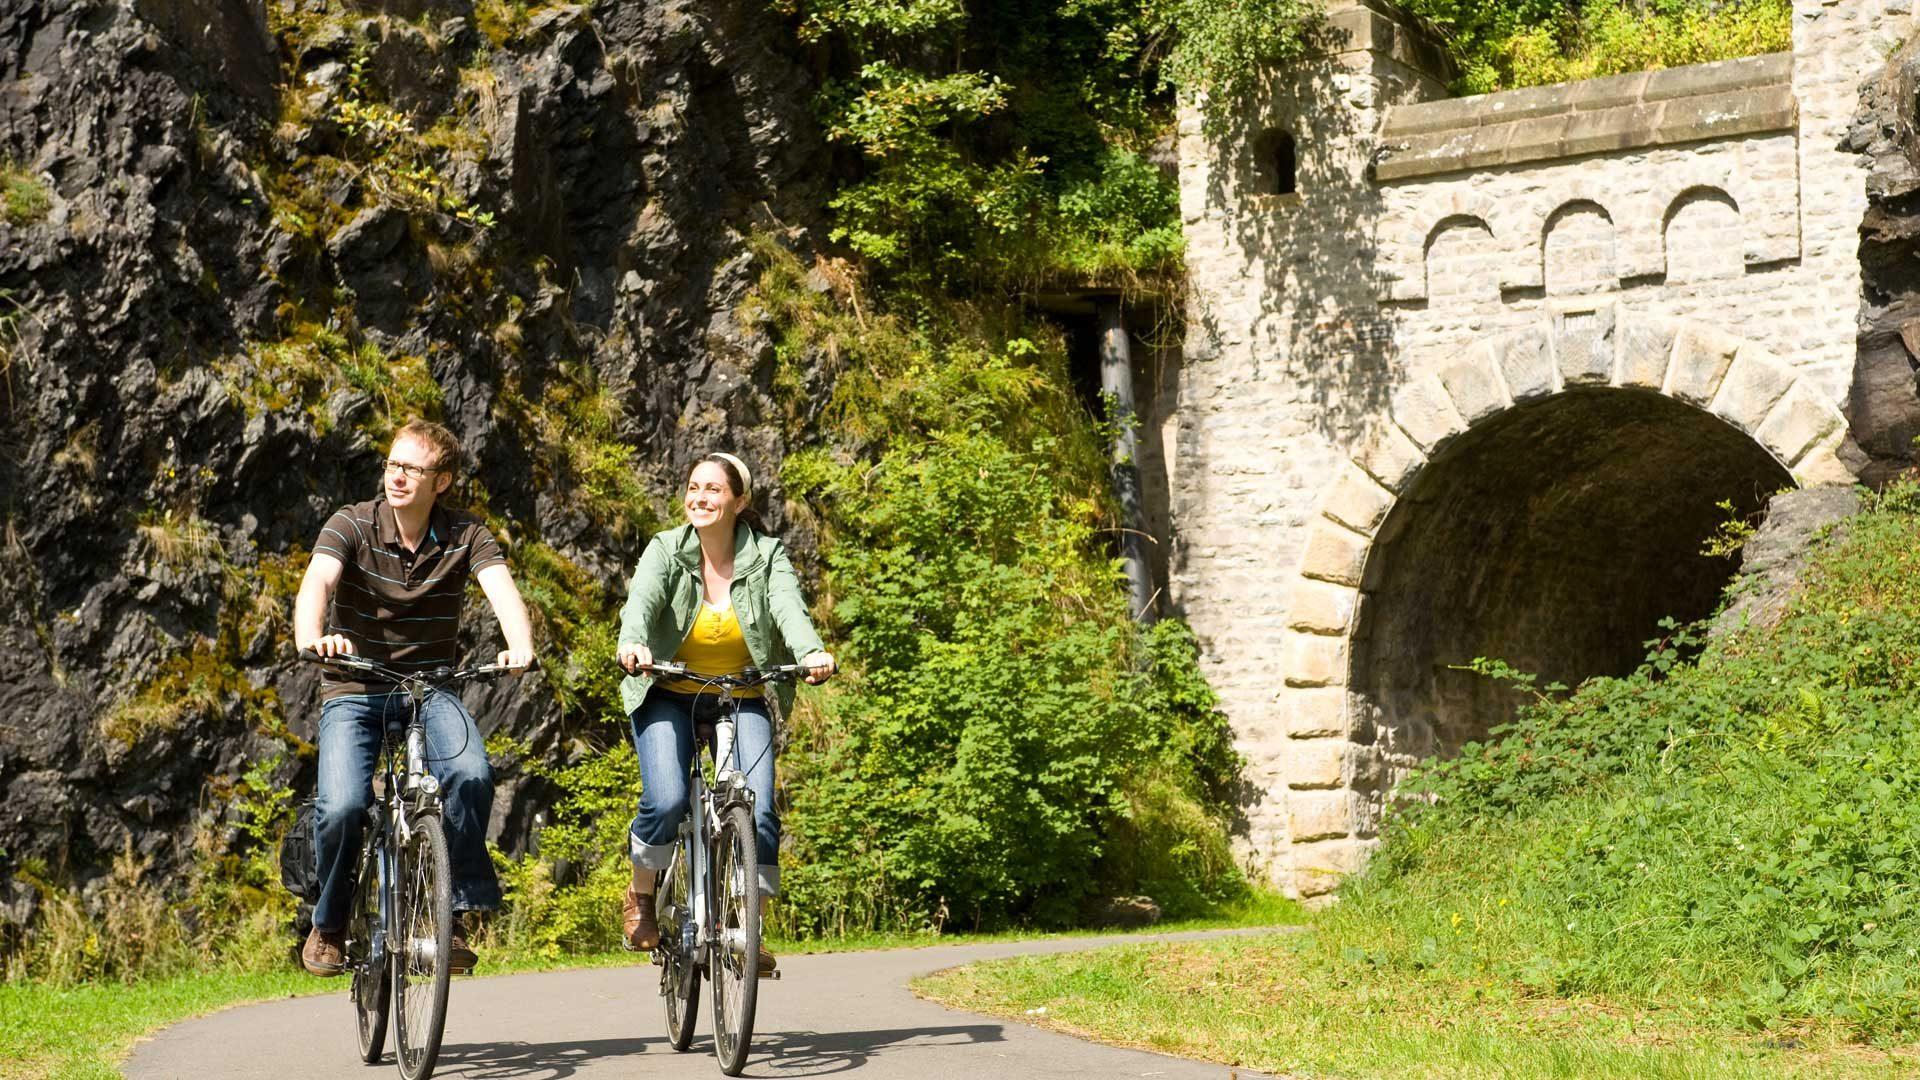 In de Eifel kun je goed fietsen over stilgelegde spoorlijnen.